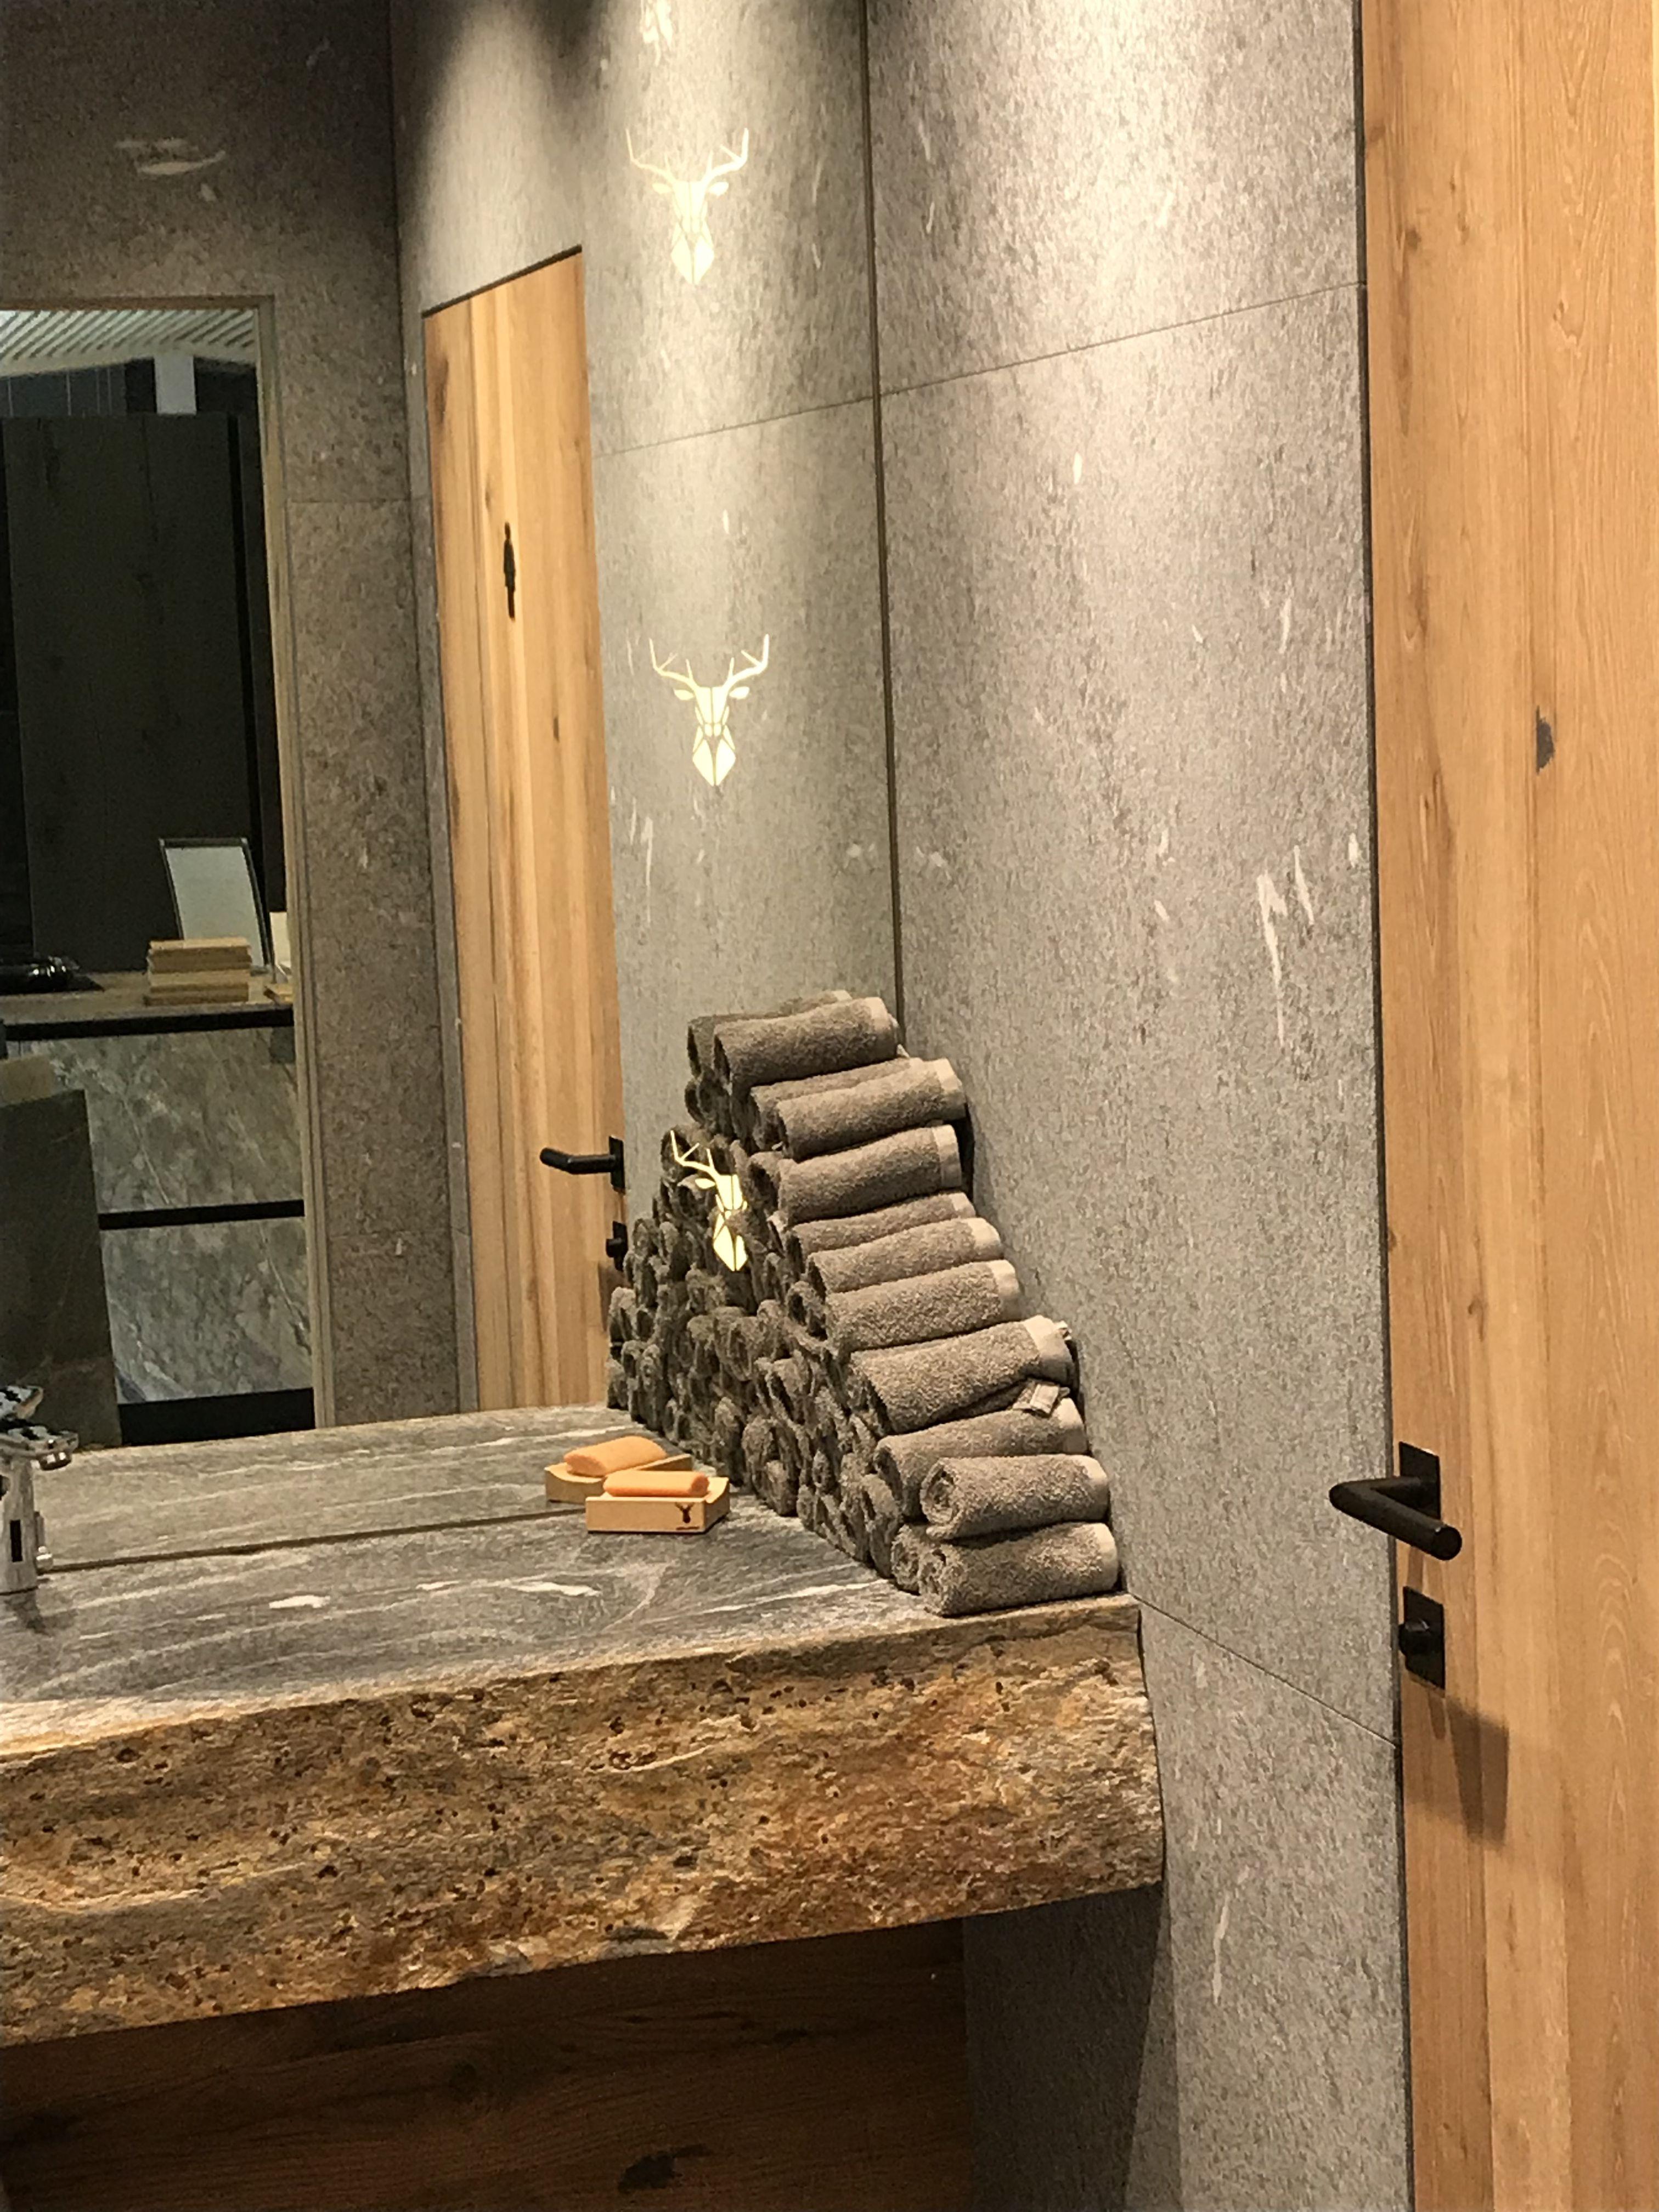 Badezimmer Mit Altholz Badezimmer Mit Altholz The Post Badezimmer Mit Altholz Appeared First Badezimmer Holz Wohnung Badezimmer Dekoration Wohnung Badezimmer